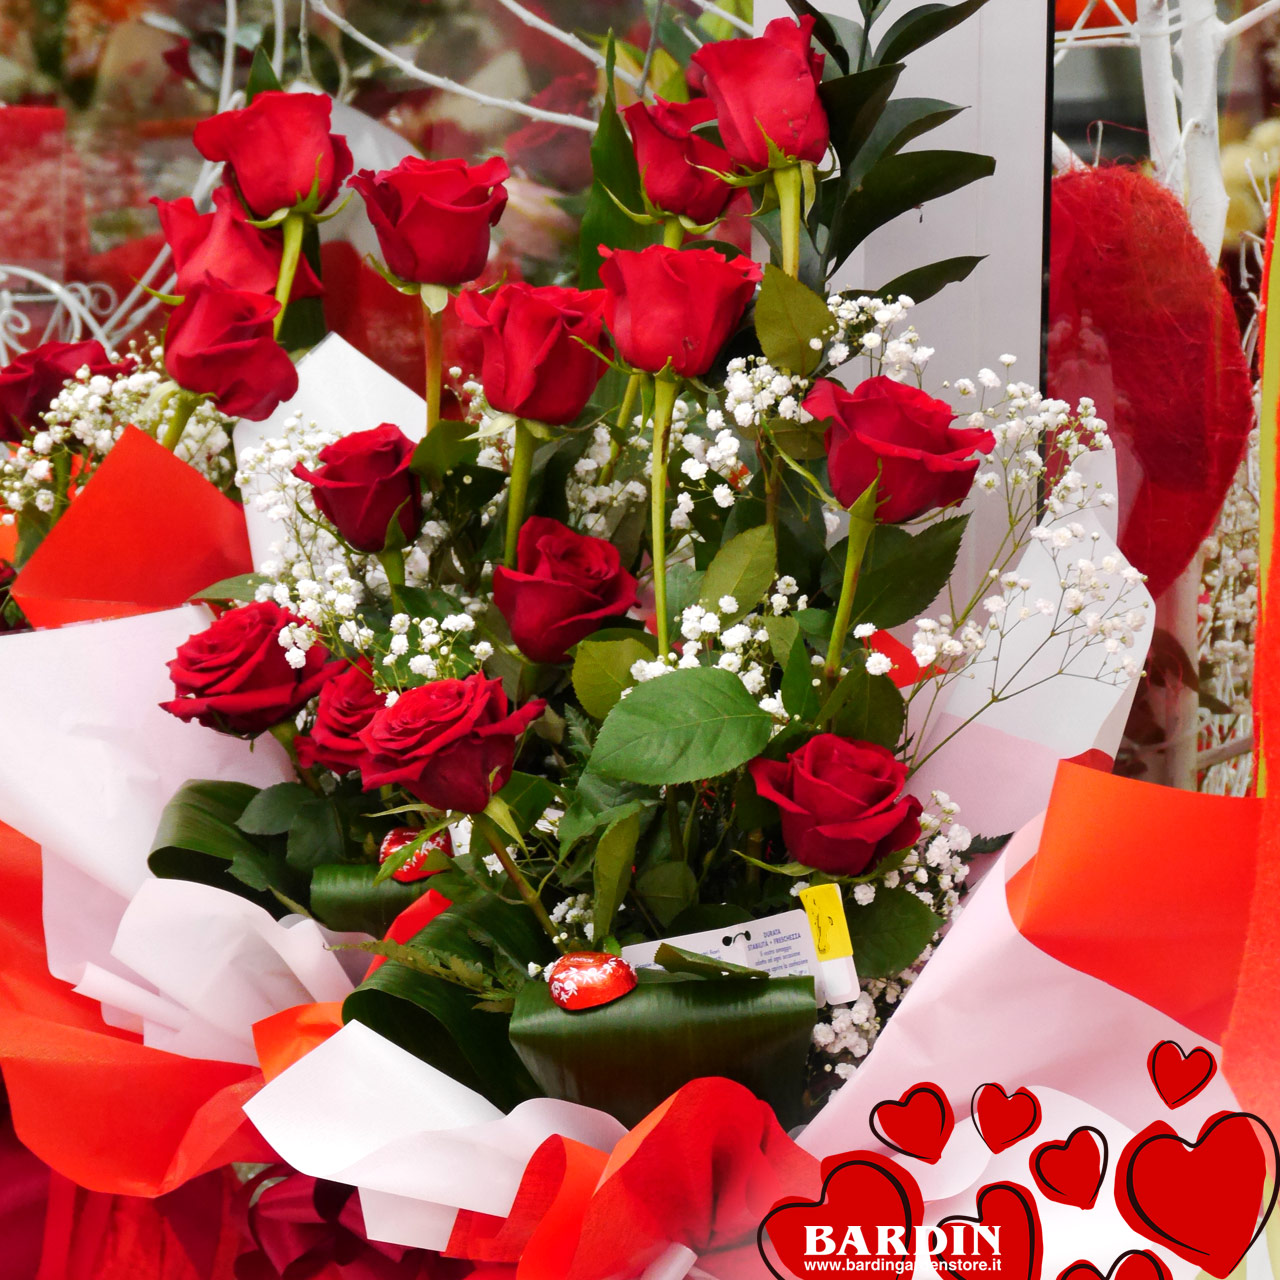 Fiori Per San Valentino.Fiori Per San Valentino A Treviso Da Bardin